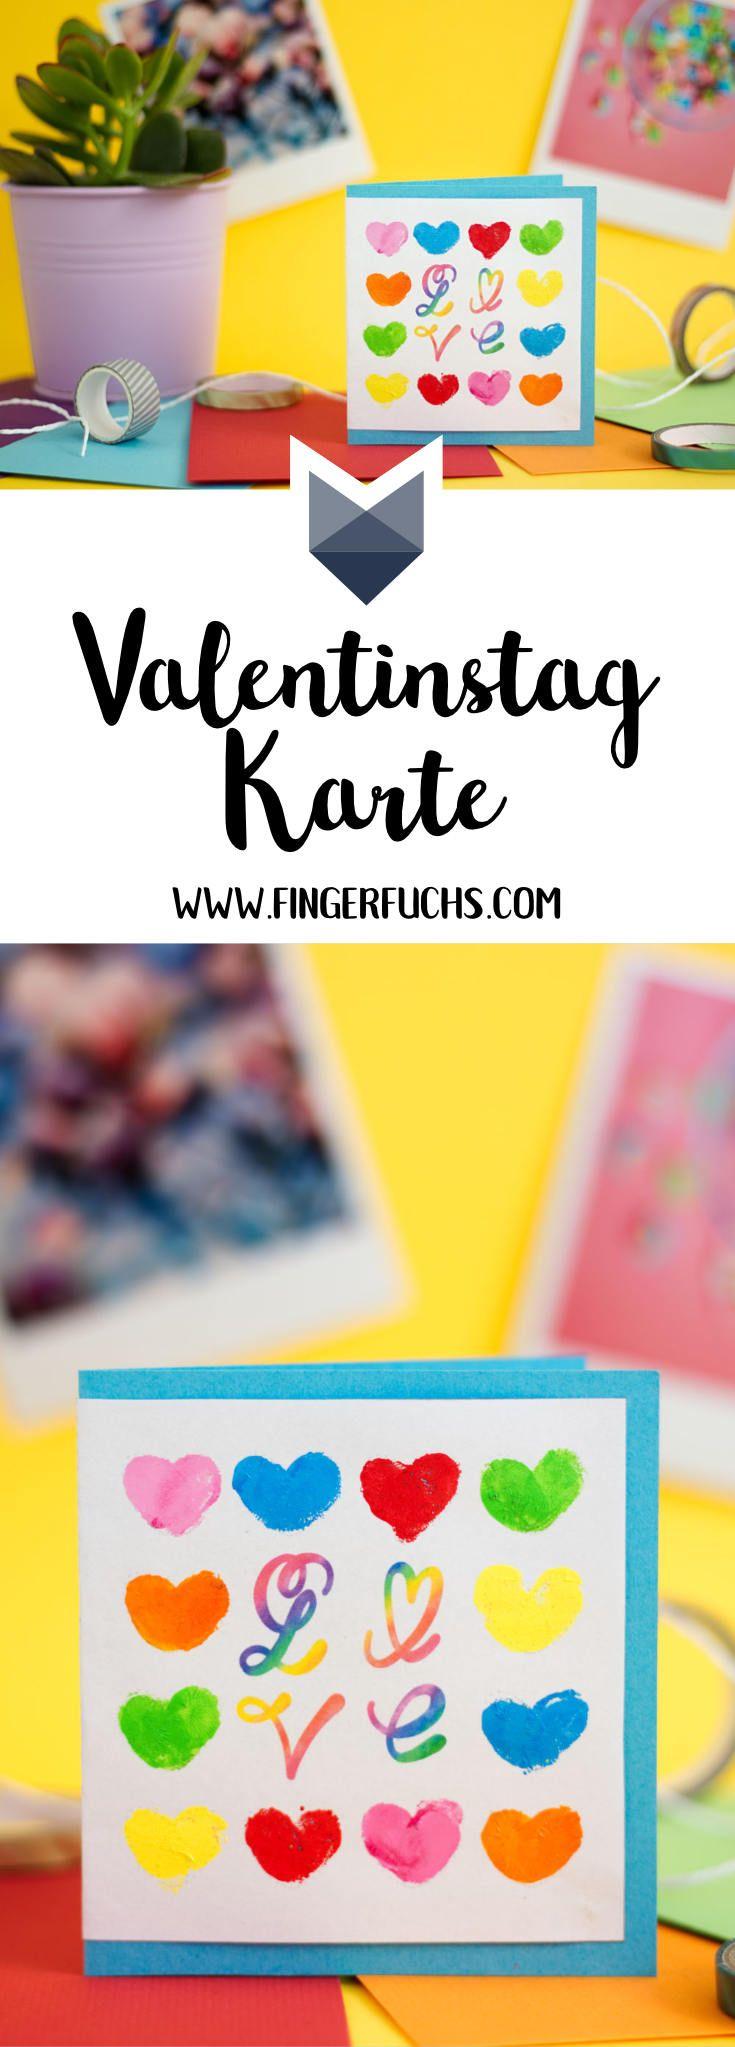 Eine bunte Valentinstag Karte, mit ganz viel Liebe. Klicke hier für eine kostenlose Bastelvorlage für diese Karte. Basteln mit Fingerabdruck - ganz einfach!